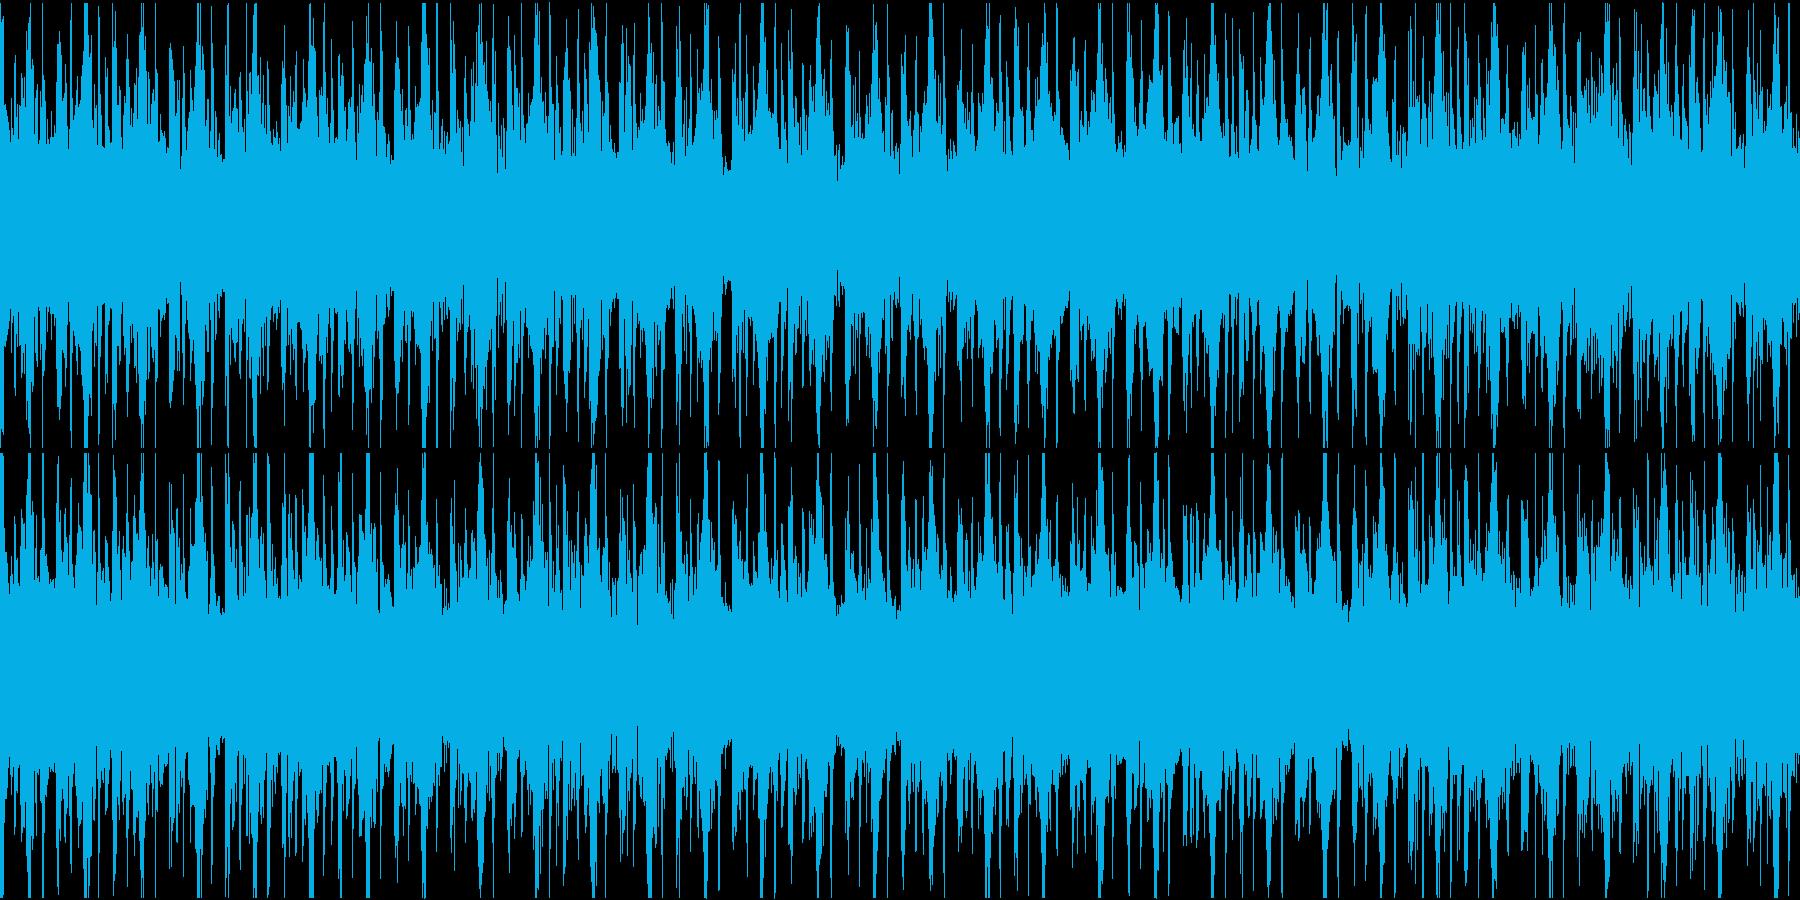 スペイシーなダンスミュージックの再生済みの波形